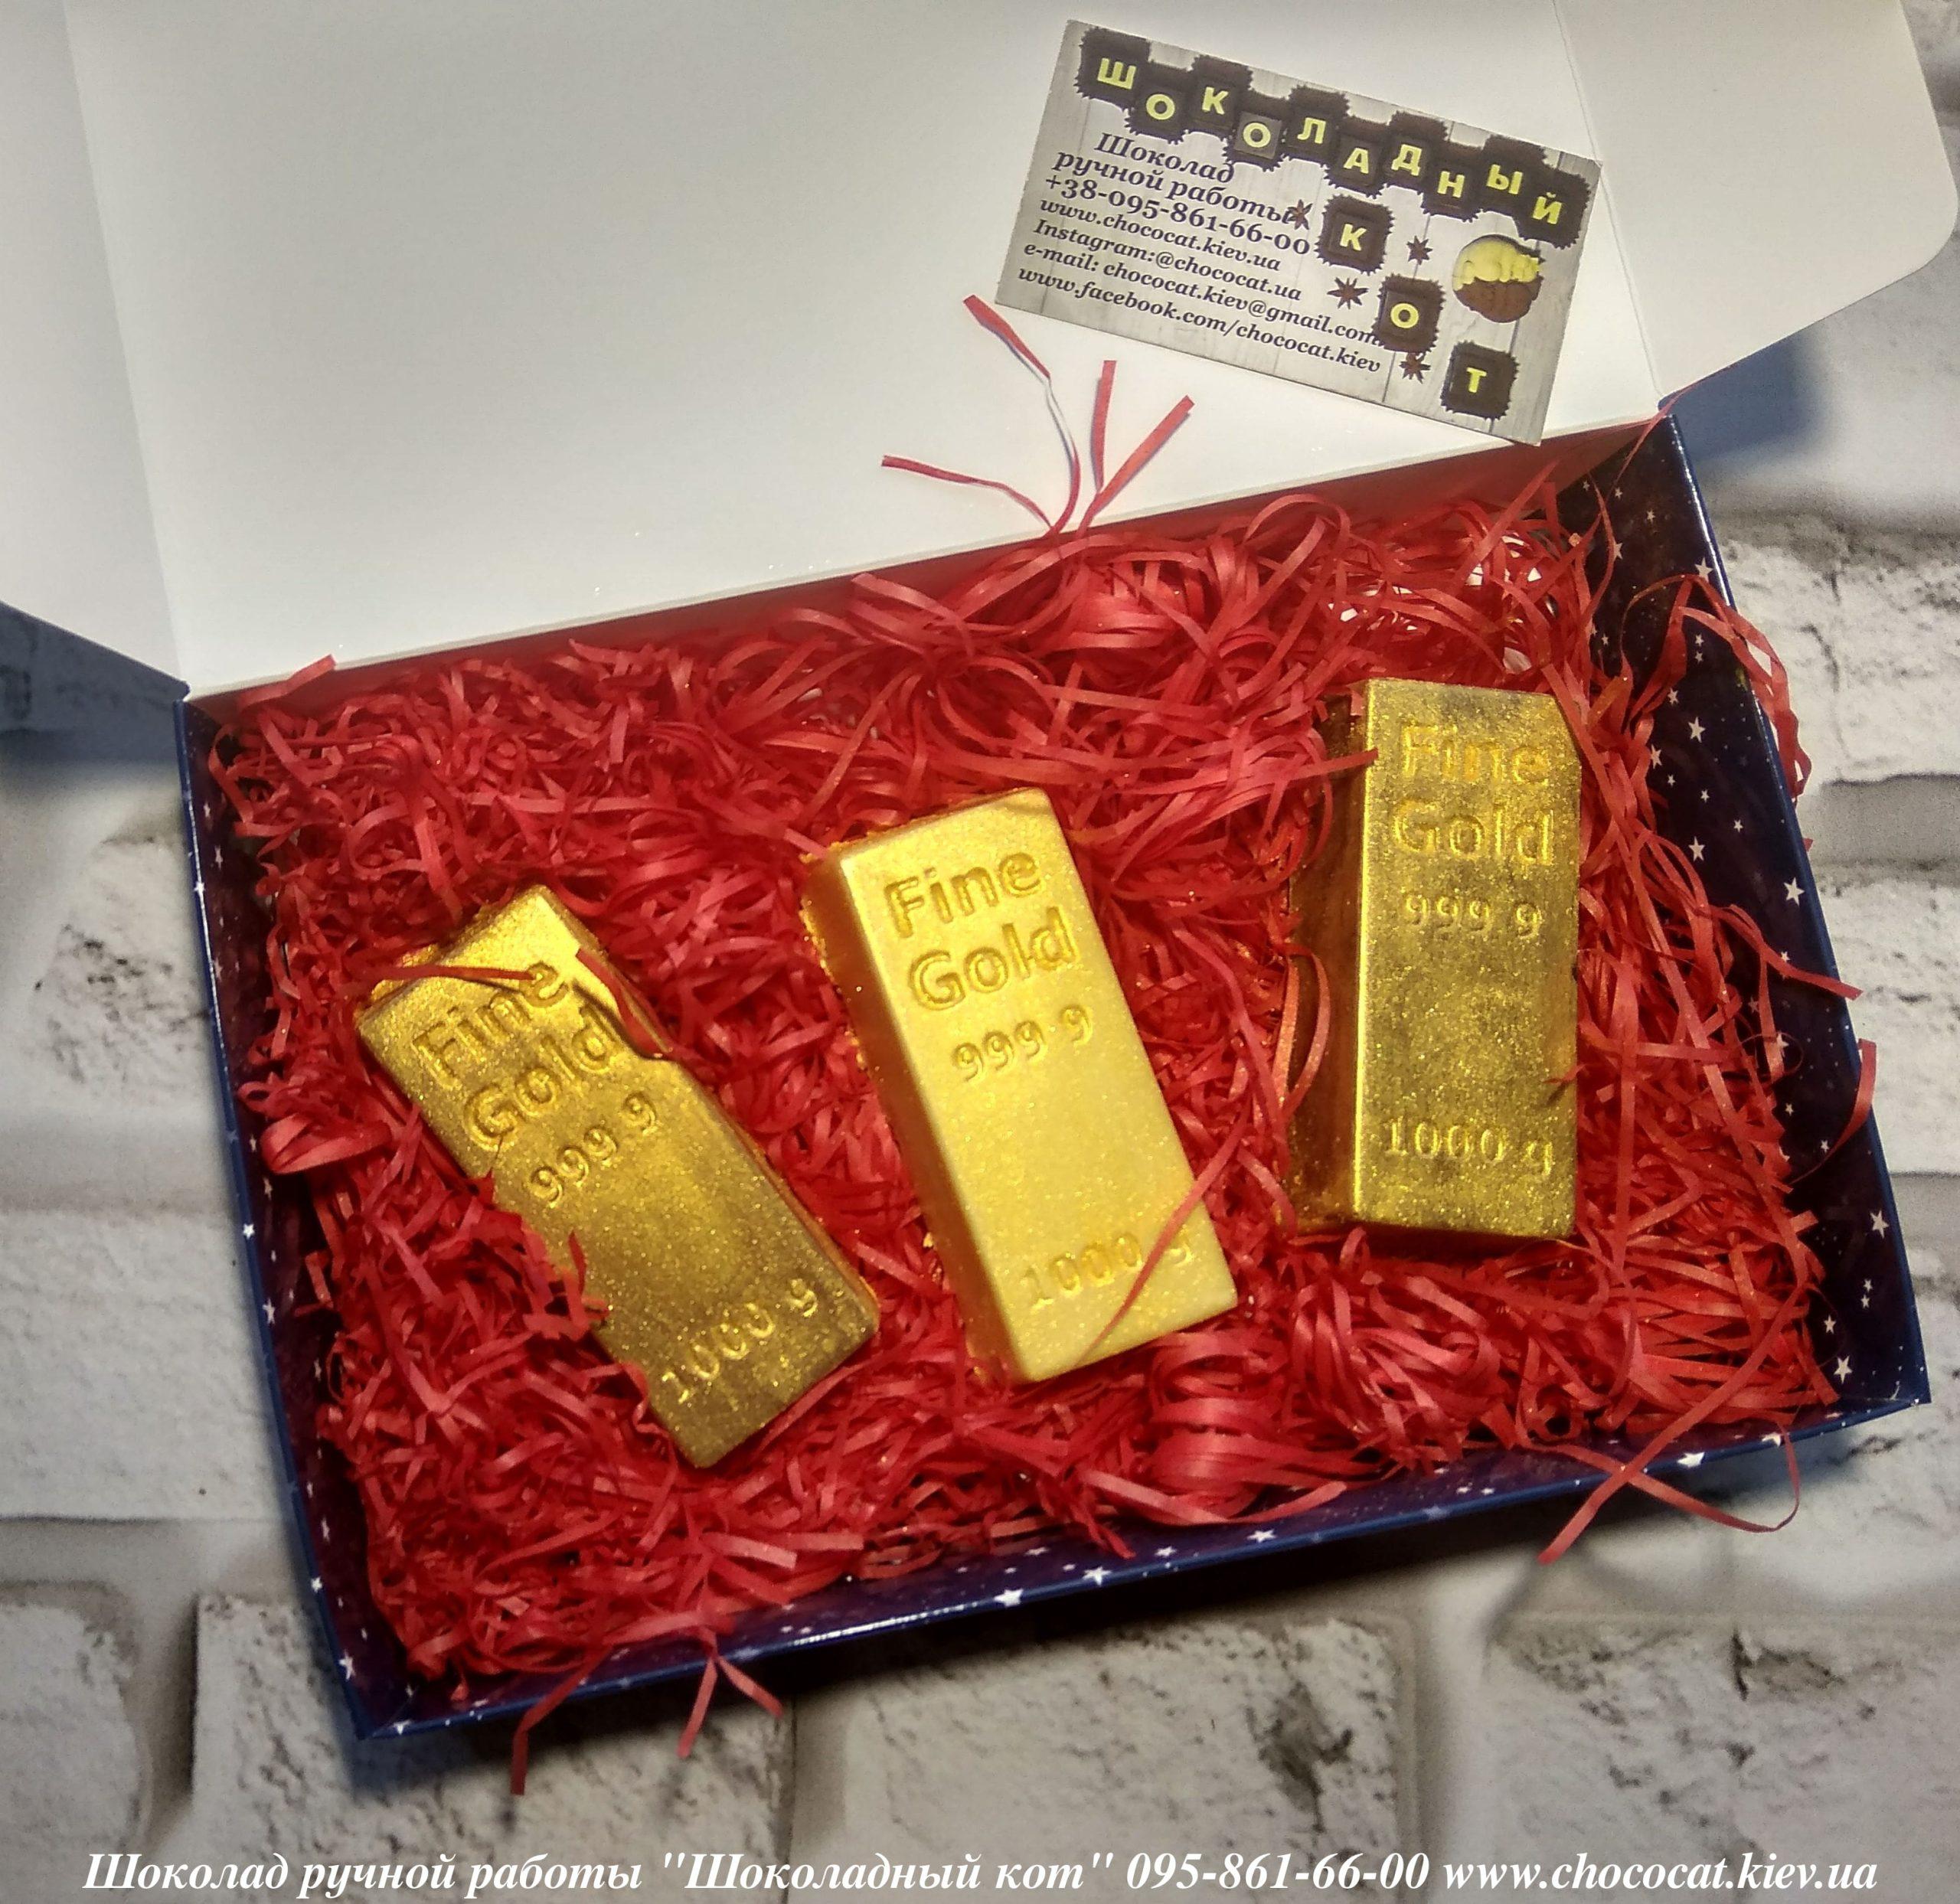 Шоколадный слиток золота